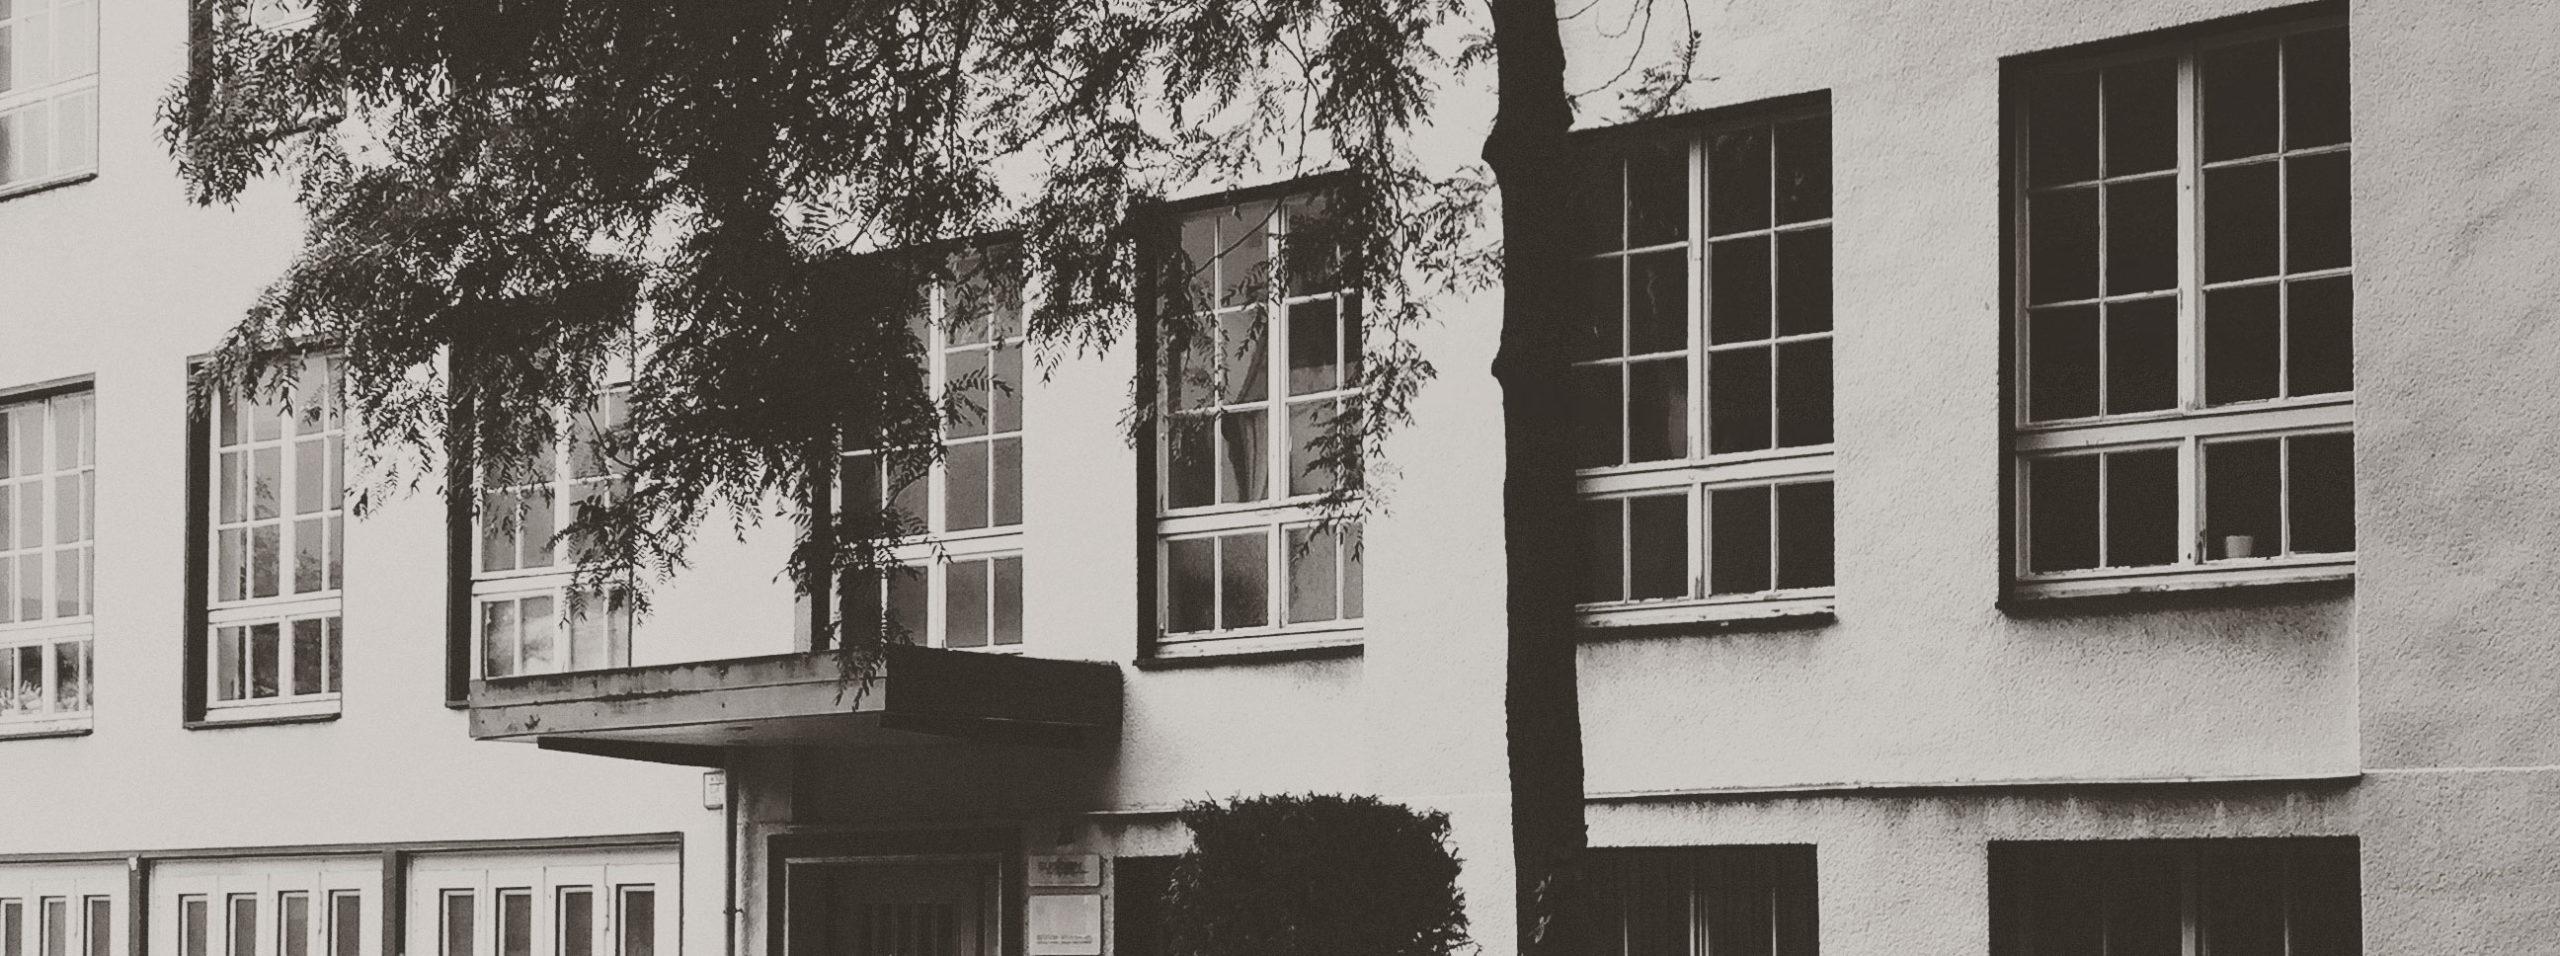 Tania Strickrodt Atelier Krefeld